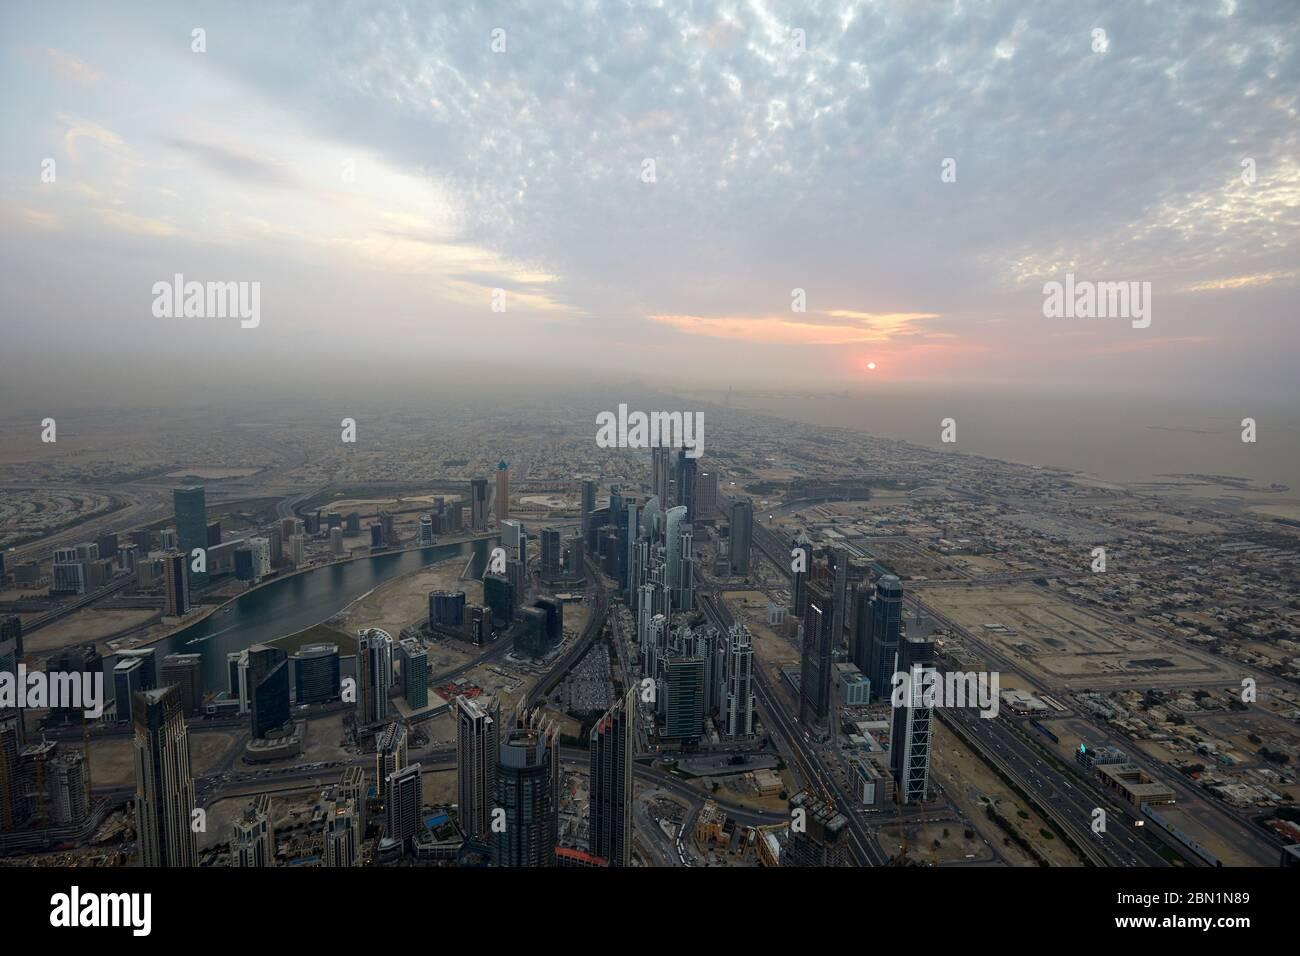 Dubaï, Émirats arabes unis - le 19 novembre 2019: la ville de Dubaï en high angle view avec des gratte-ciel au coucher du soleil vu de Burj Khalifa Banque D'Images